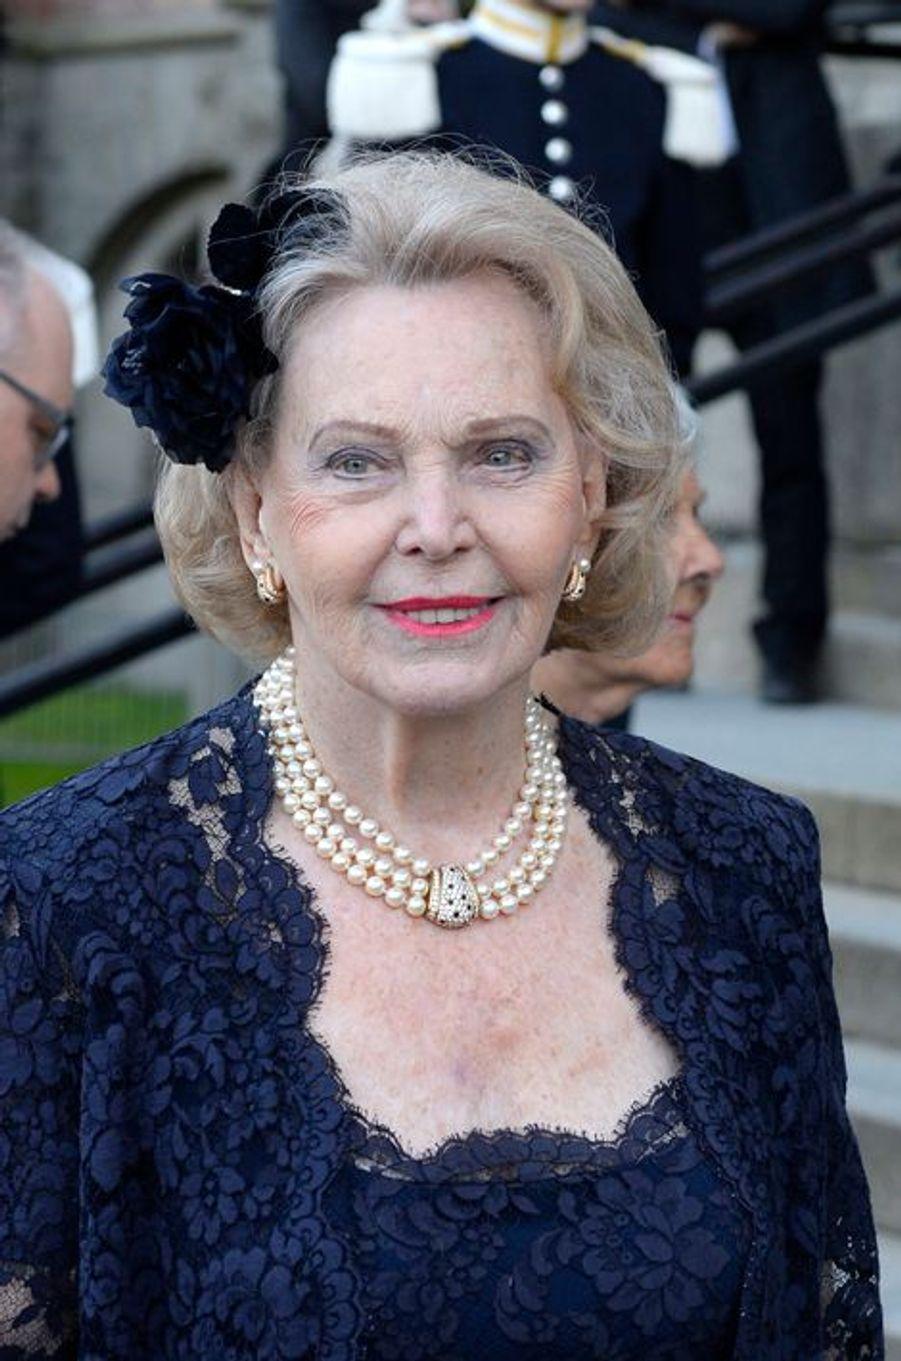 La comtesse Marianne Bernadotte à Stockholm, le 29 avril 2016